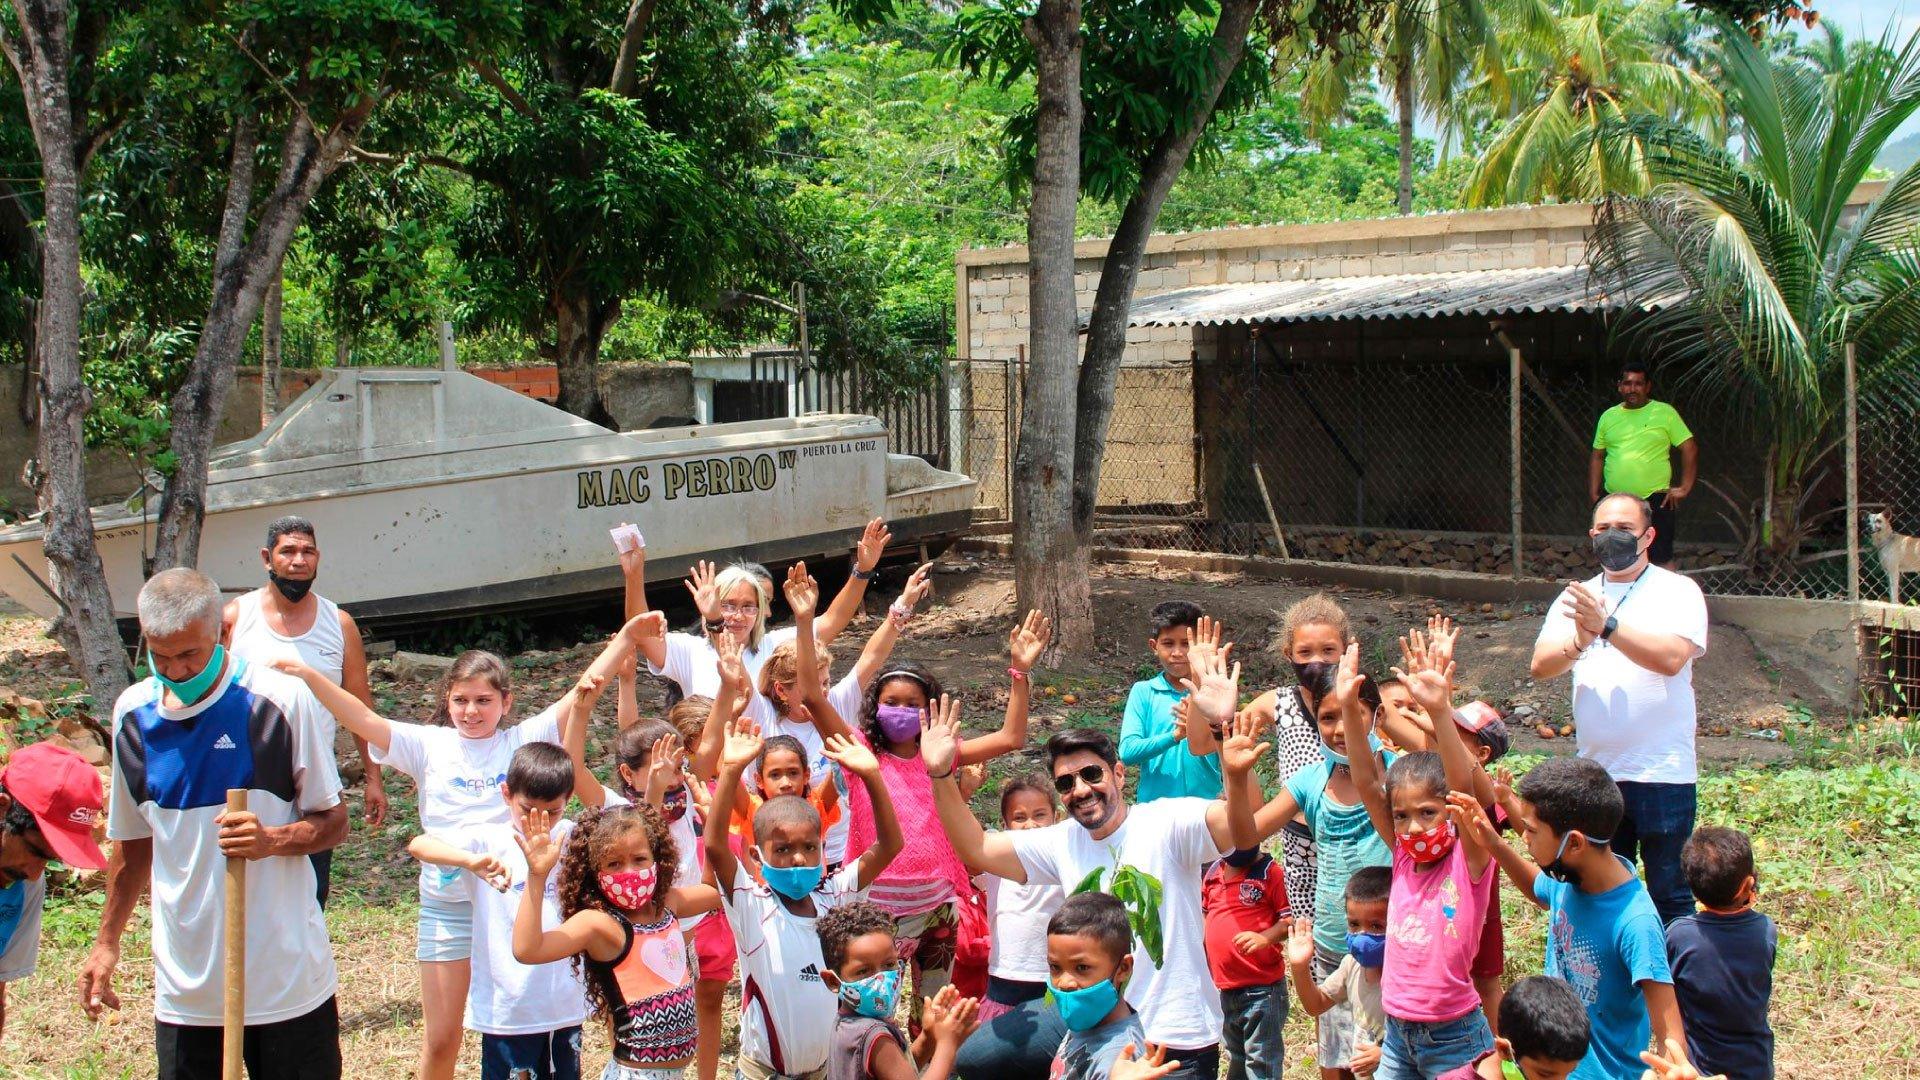 203342754 220933339857457 8929201015135964274 n1 - Cómo ayudar a niños necesitados a tener un mejor futuro